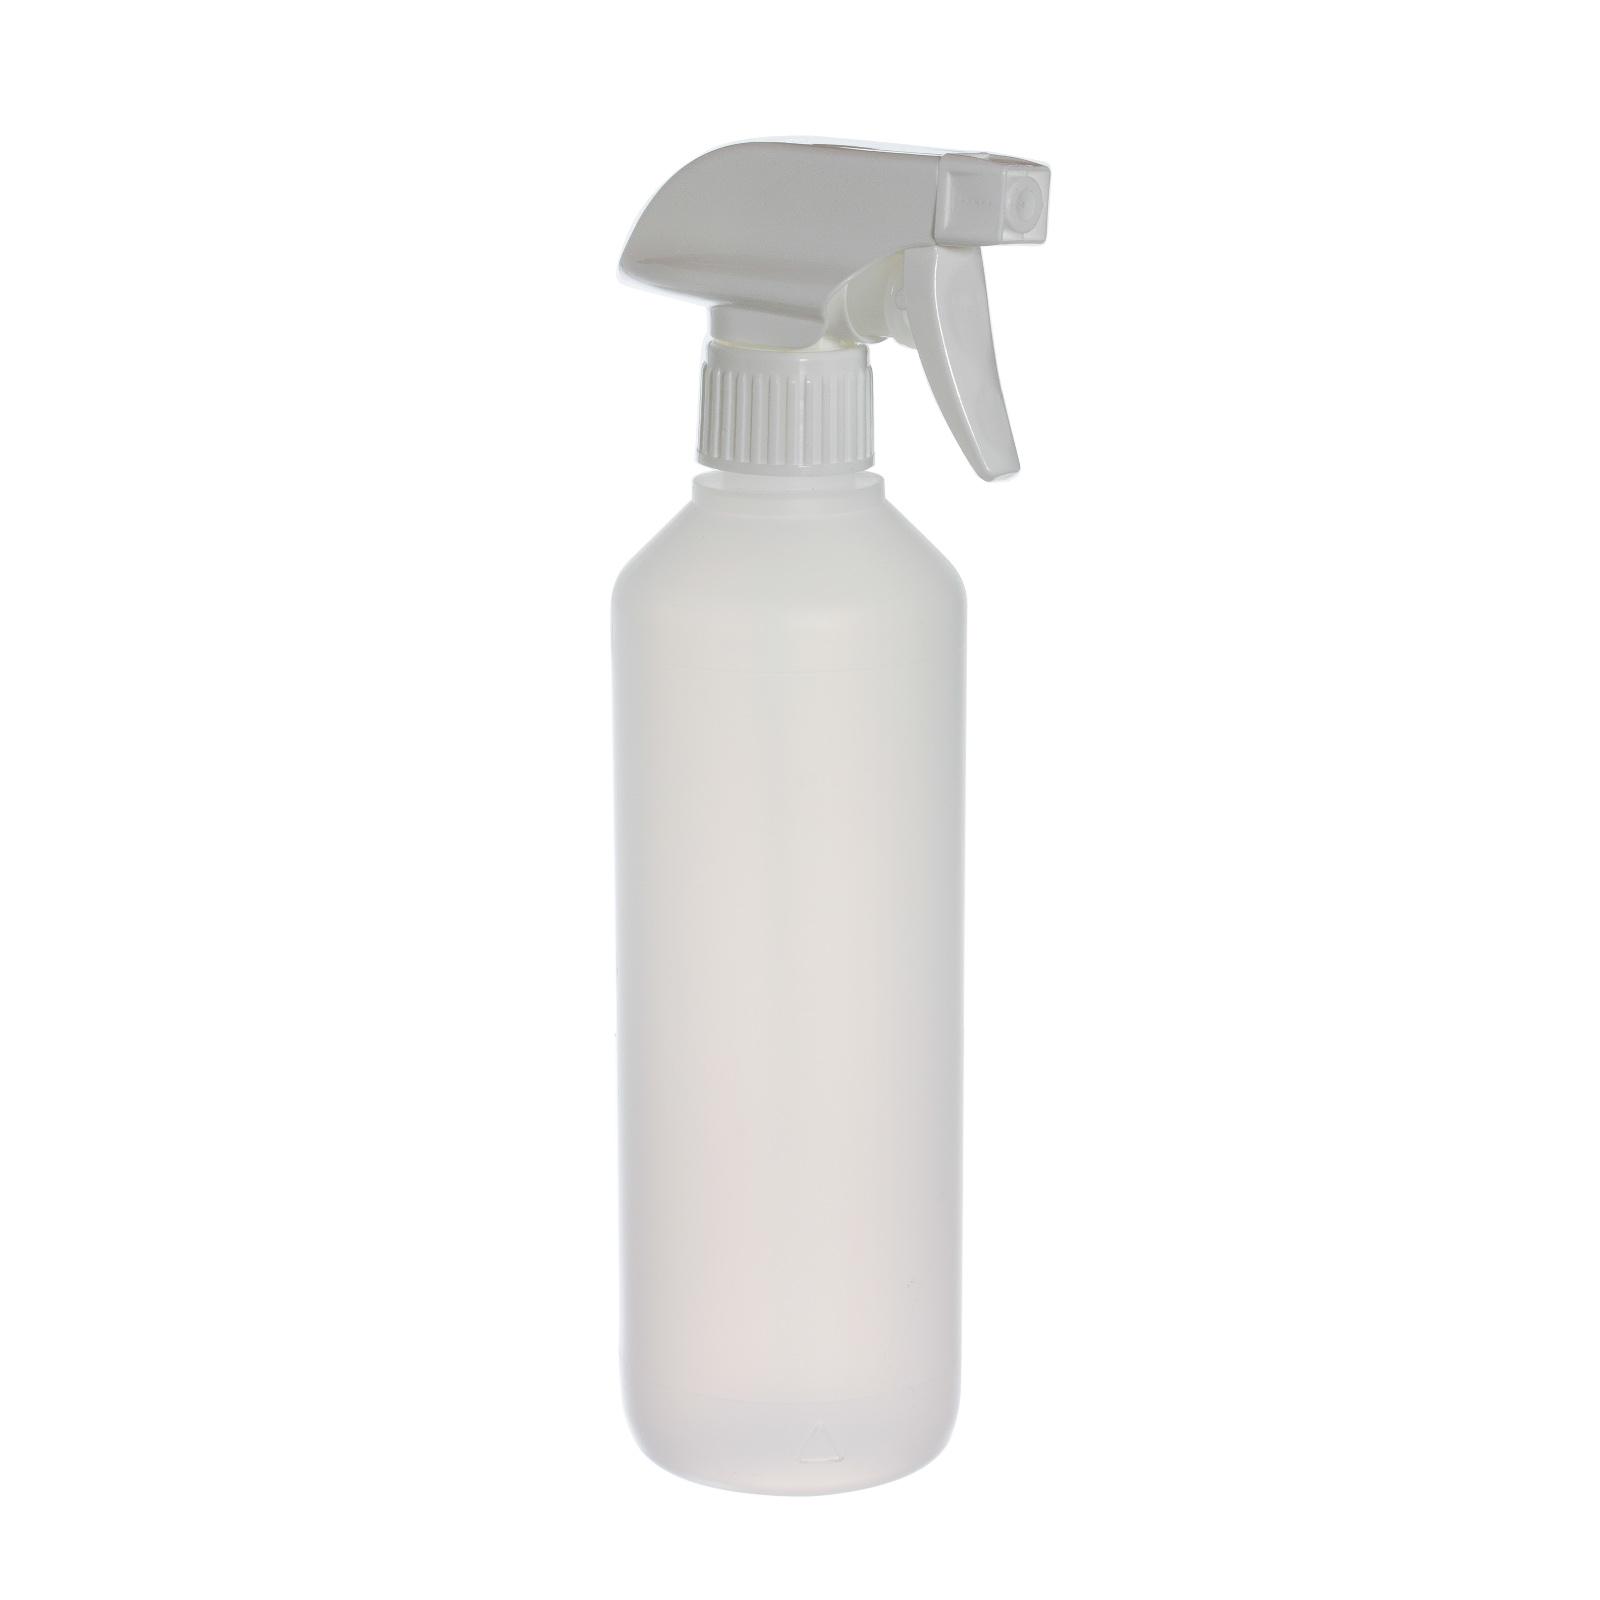 Prázdný plastový dávkovač 0,5 litr